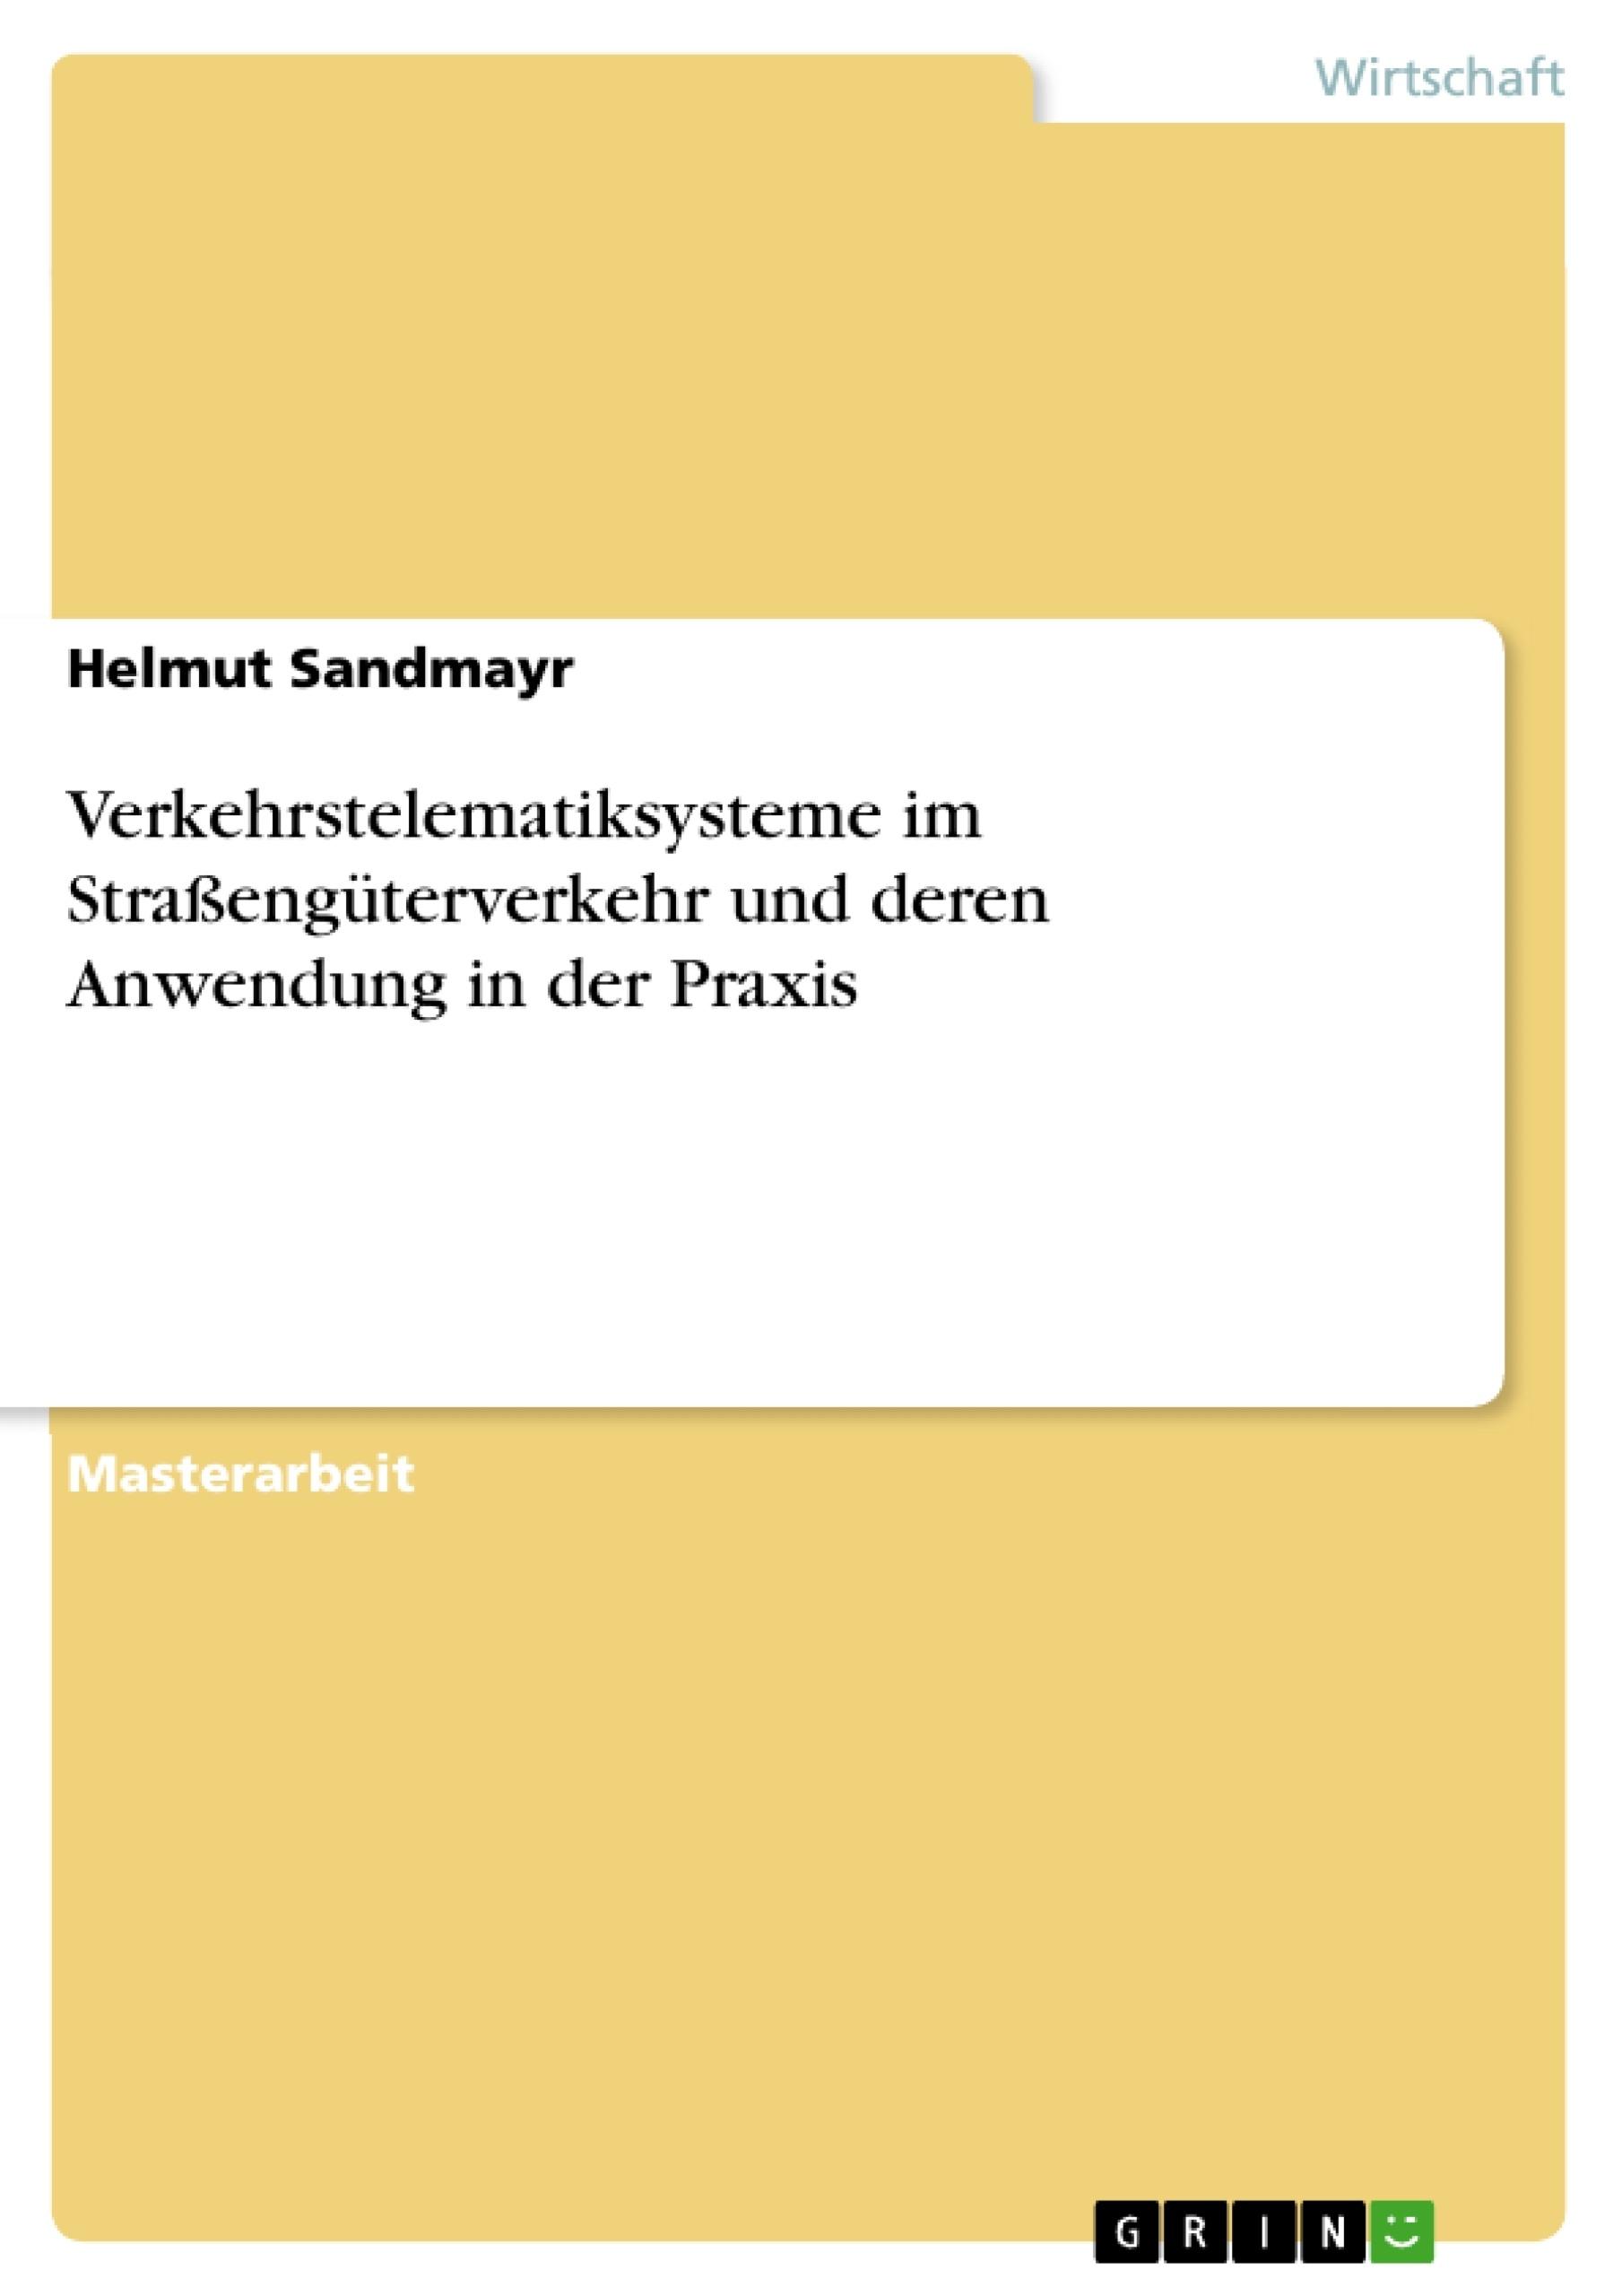 Titel: Verkehrstelematiksysteme im  Straßengüterverkehr und deren Anwendung in der Praxis